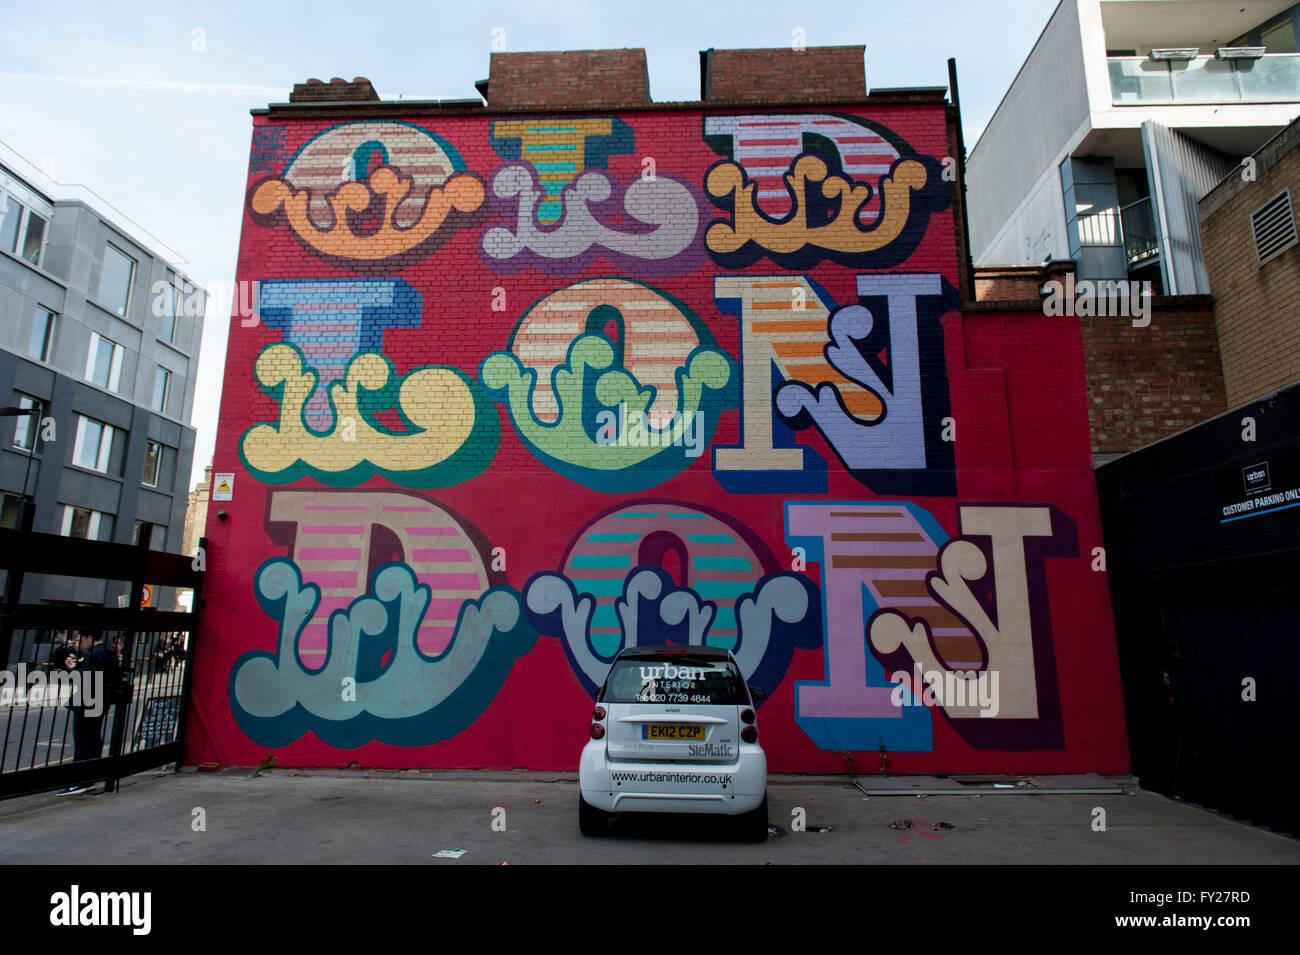 Street art by Ben Eine, Old London - Stock Image